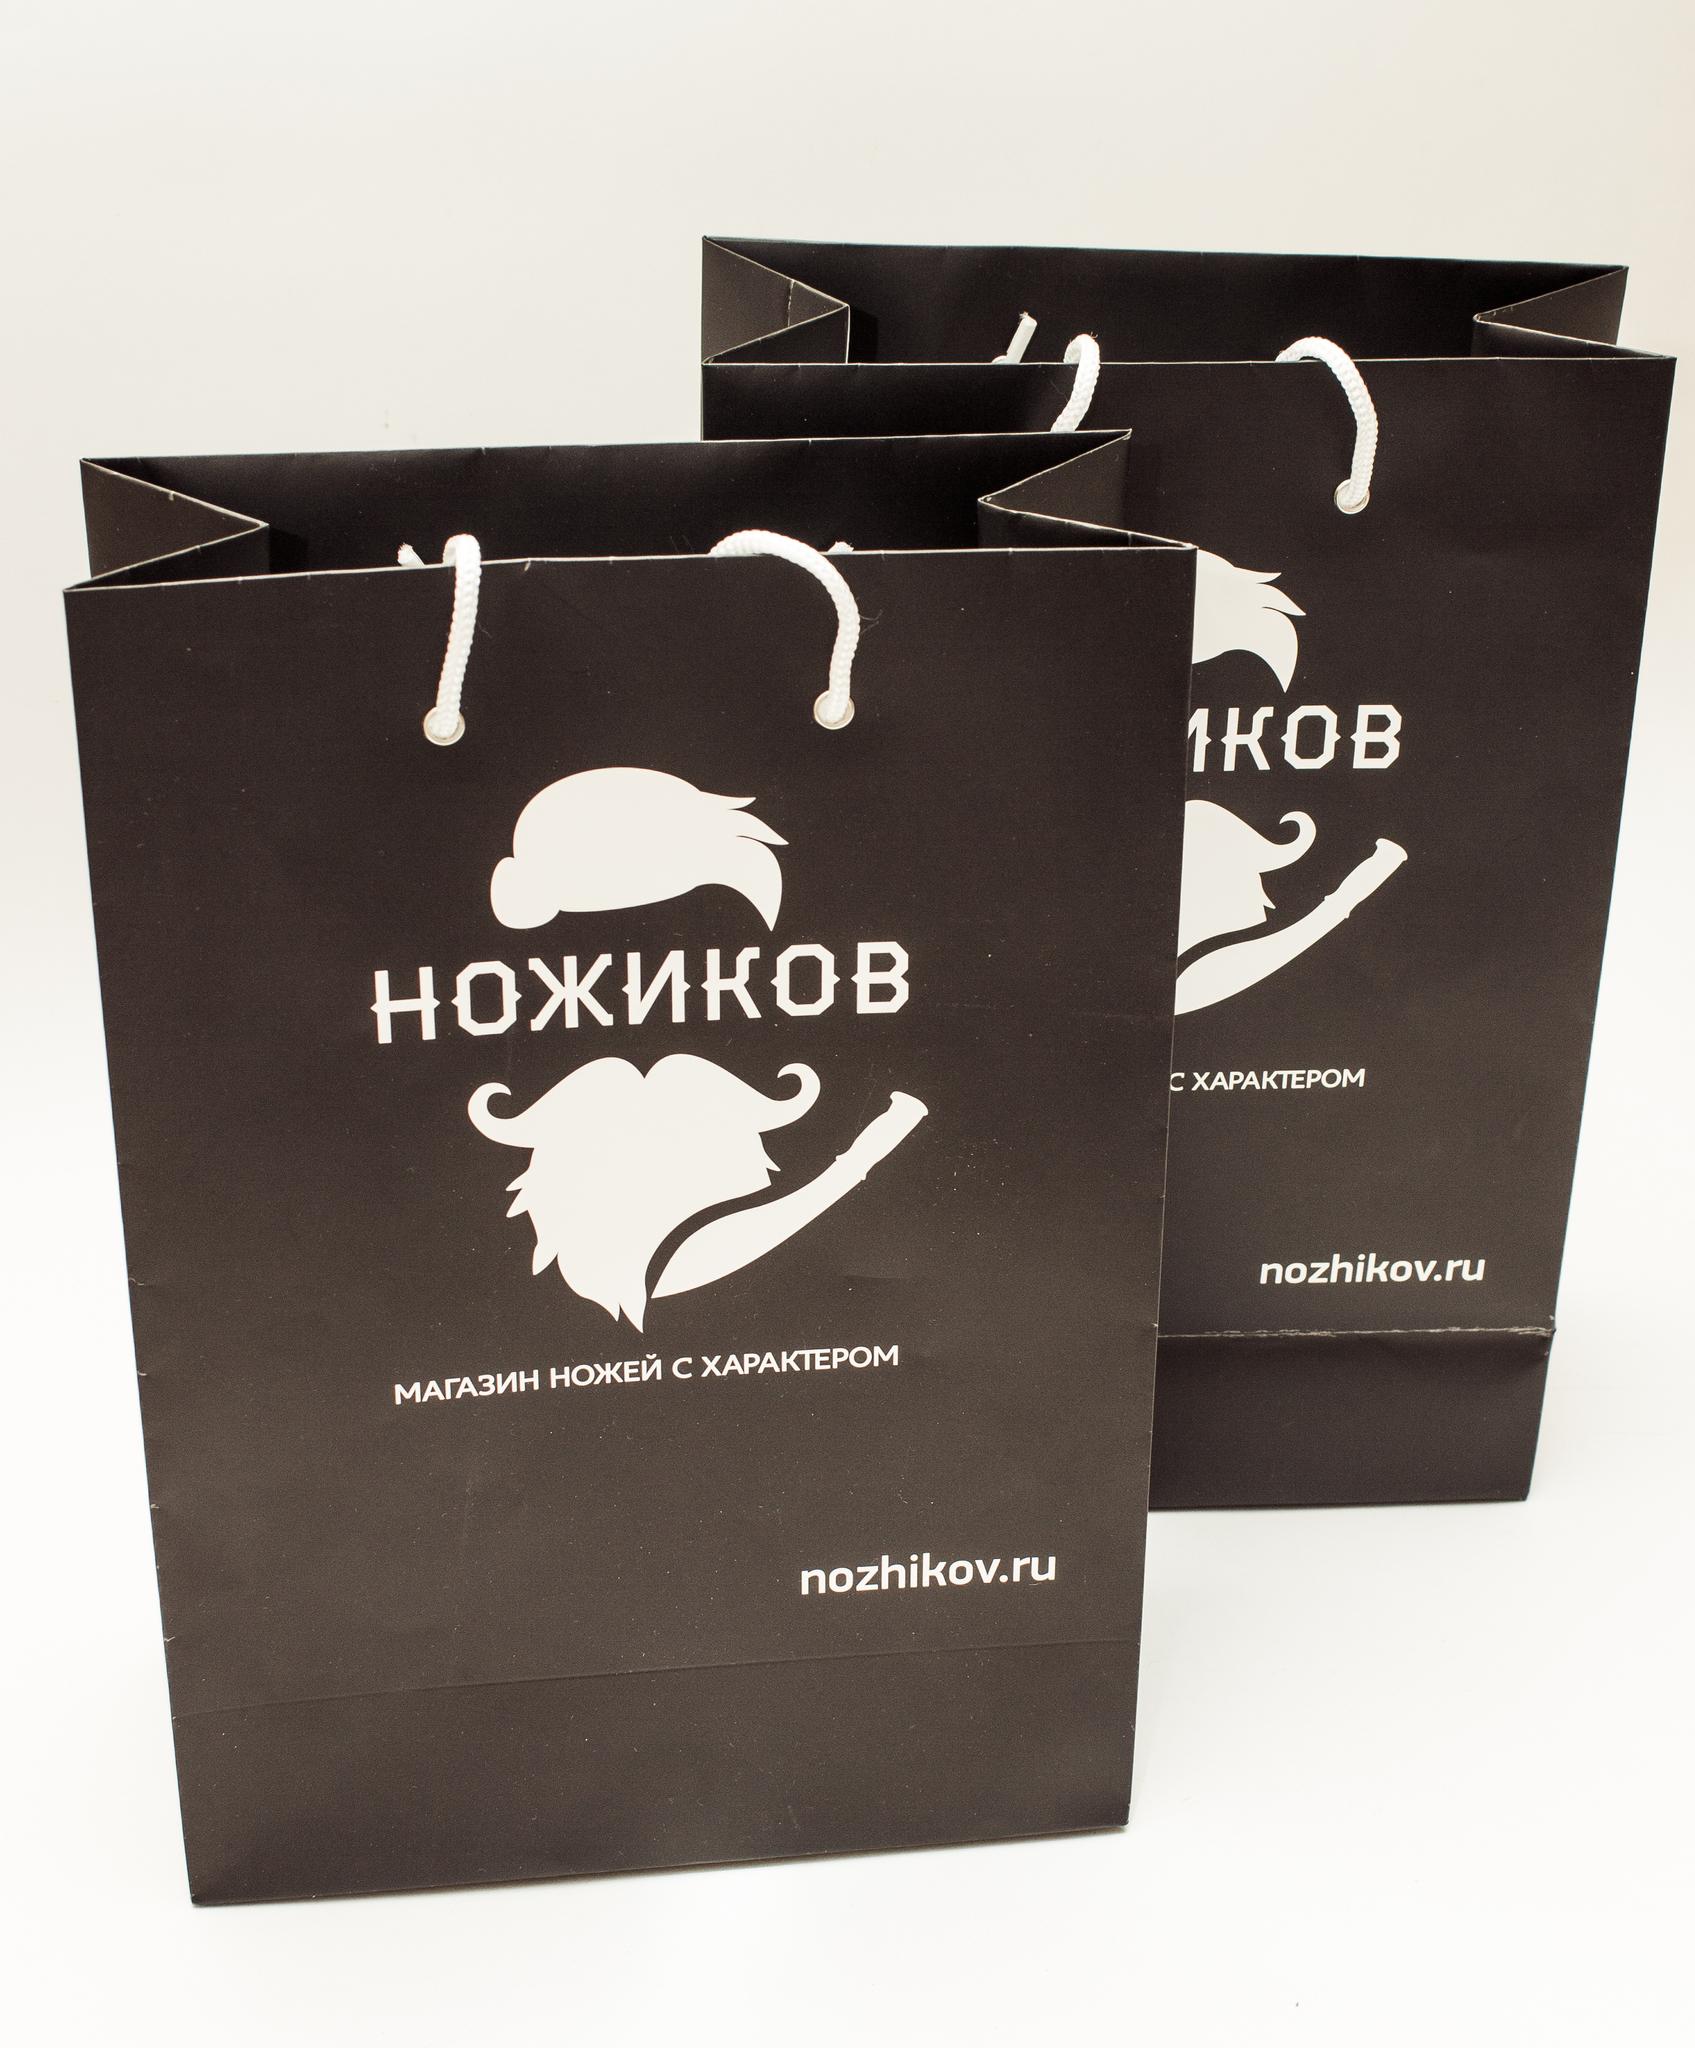 Фото - Подарочный пакет от Nozhikov